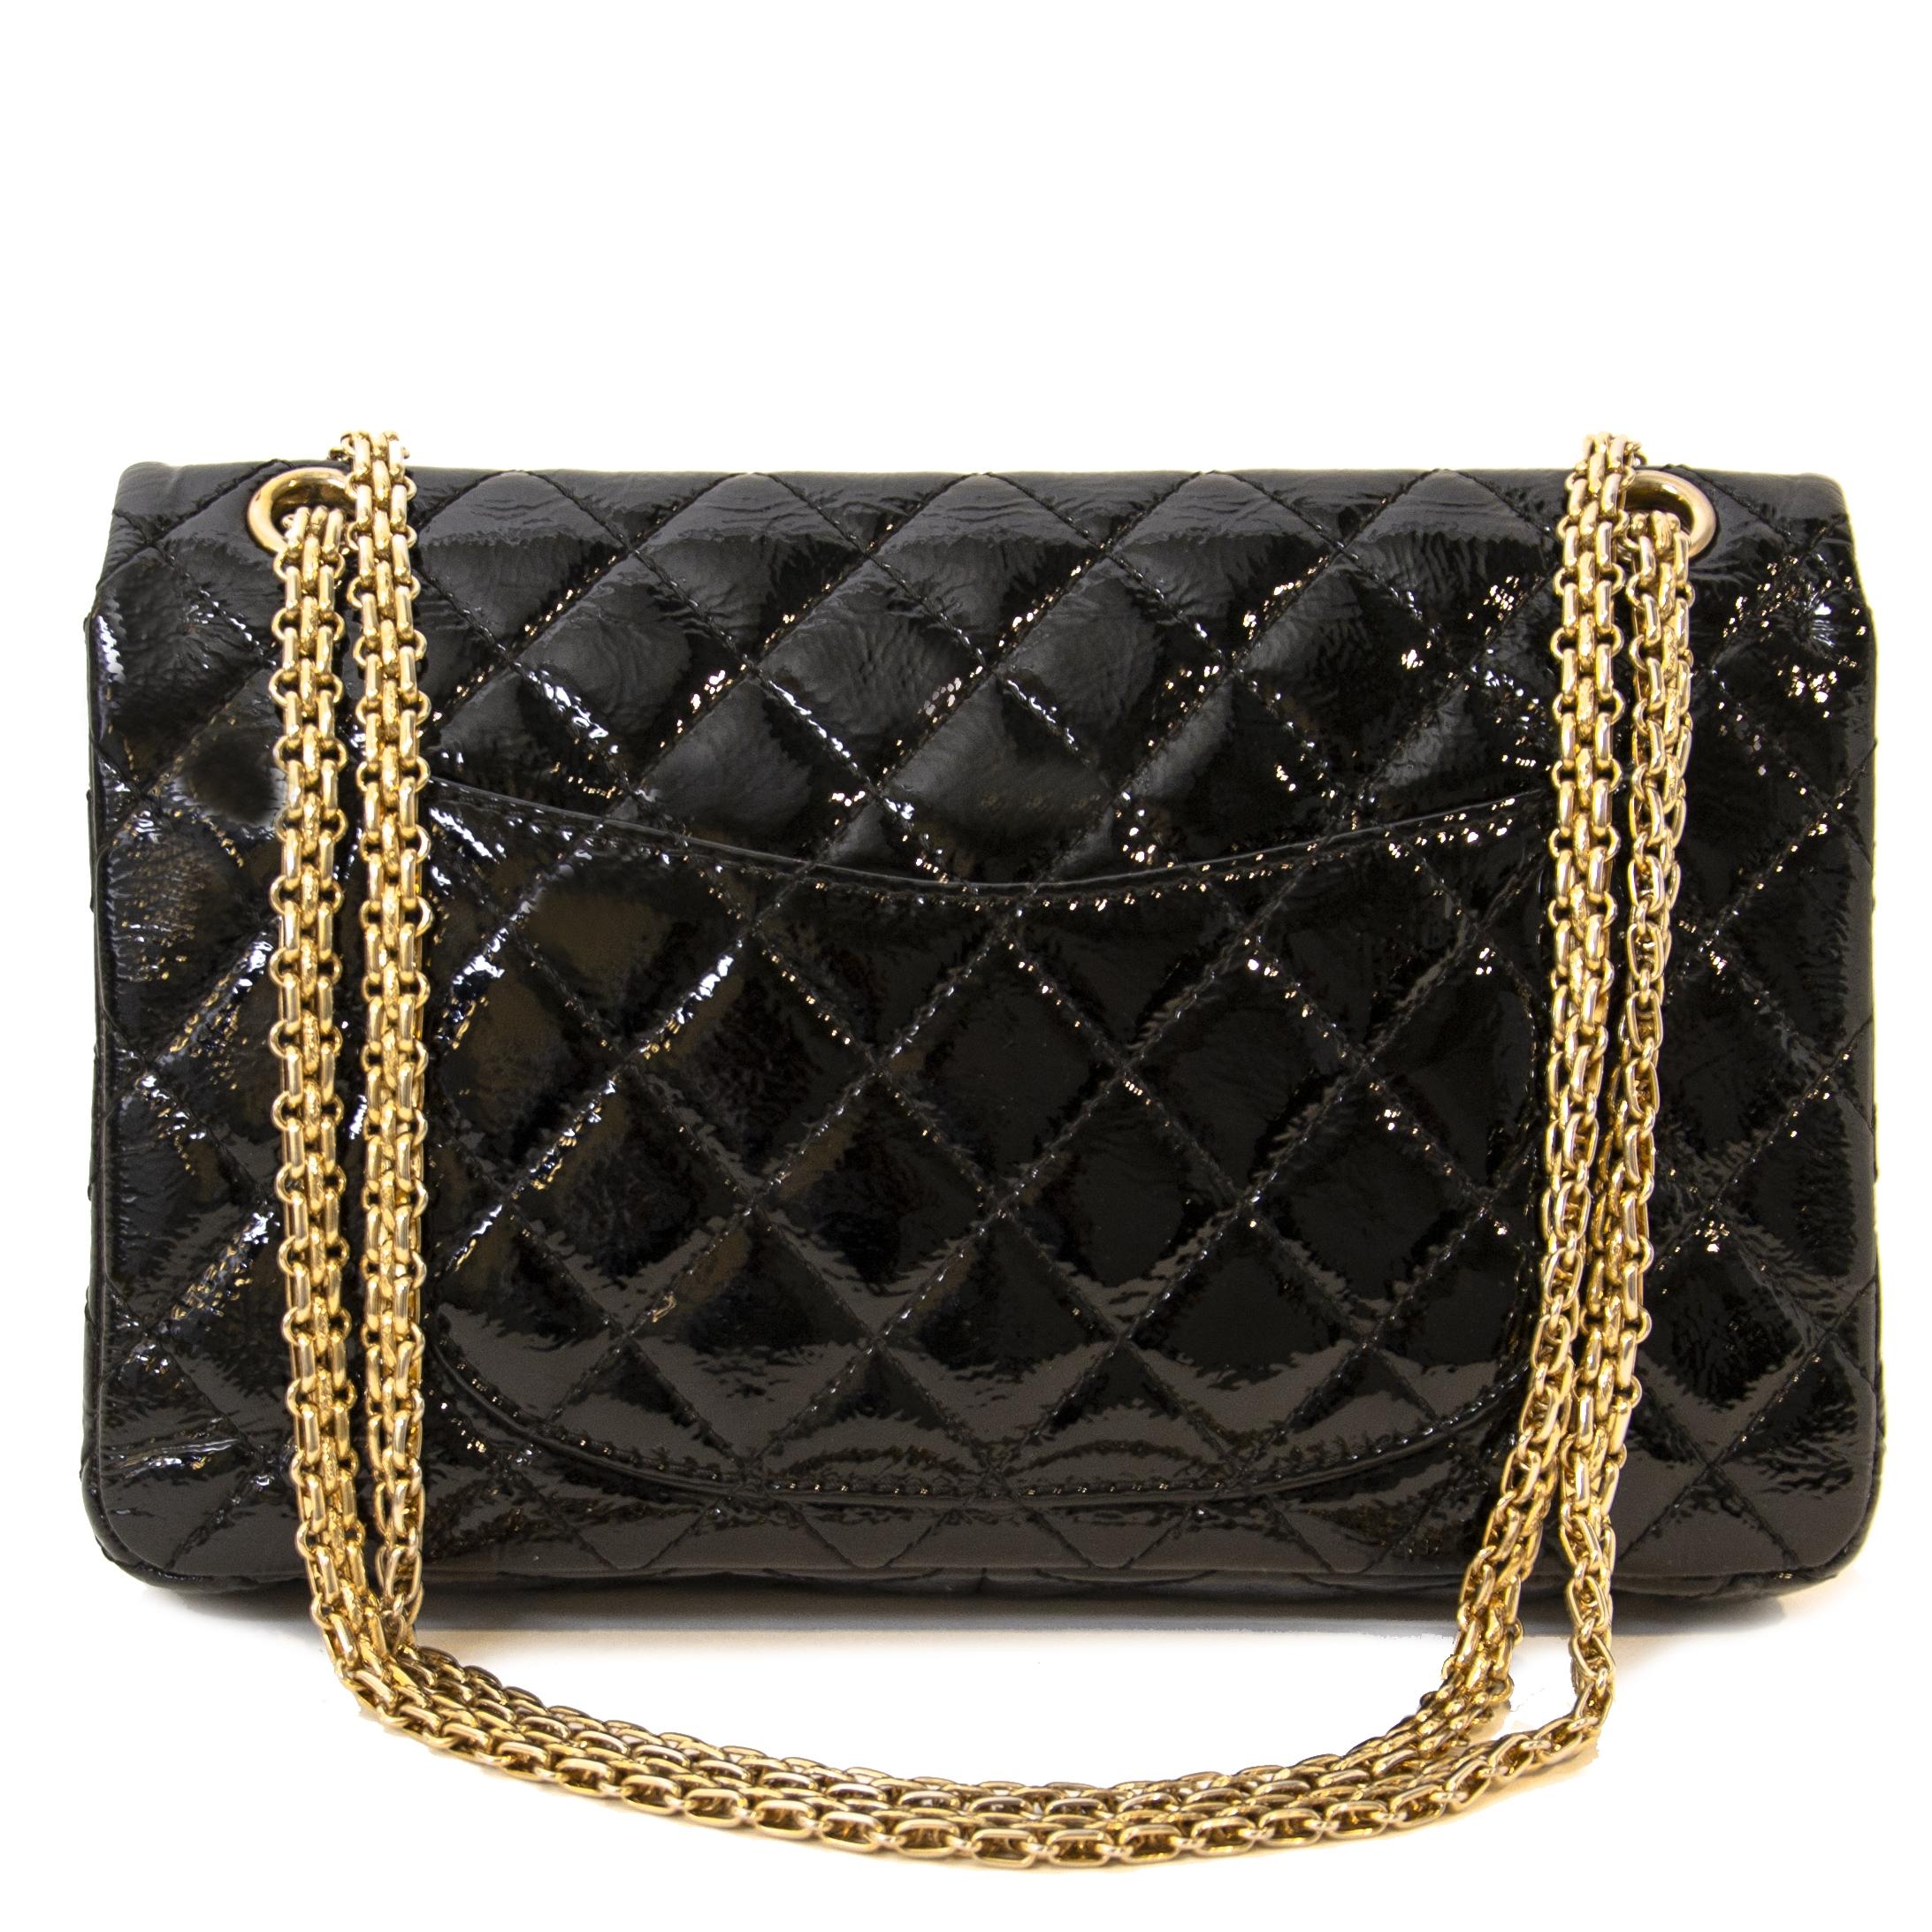 de555b45d57c Koop een auhtentieke Chanel Black Patent Flap Shoulder Bag aan de jusite  prijs bij LabelLov webshop